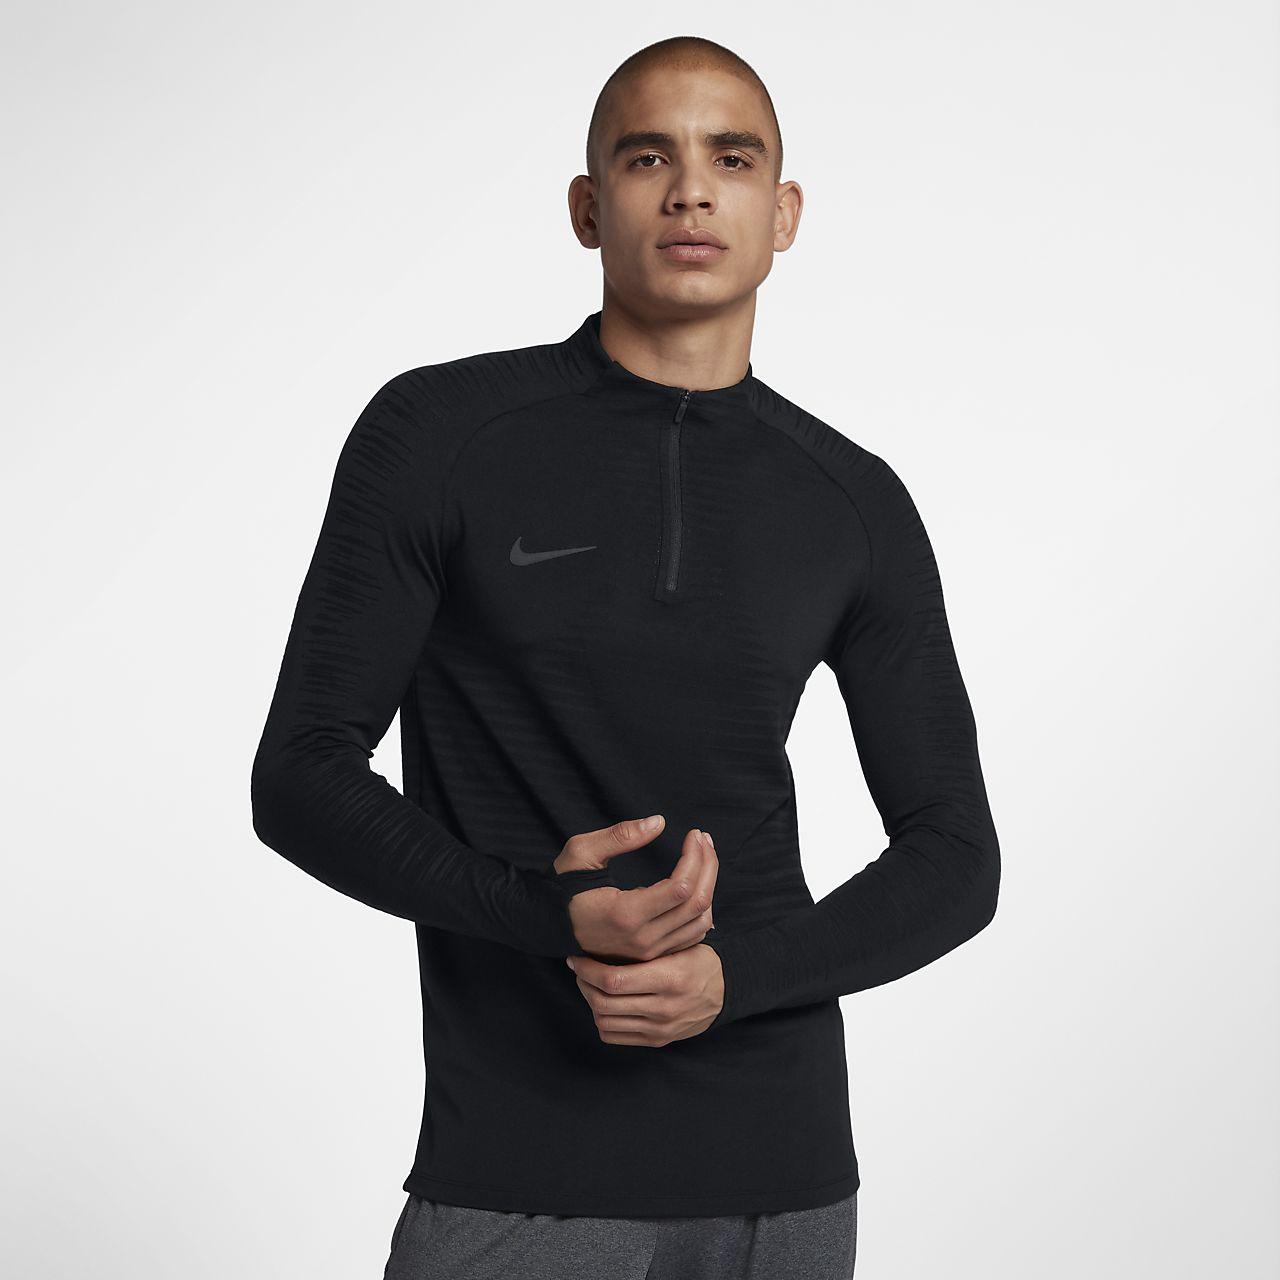 Nike VaporKnit Strike-fodboldtræningstrøje med lange ærmer til mænd